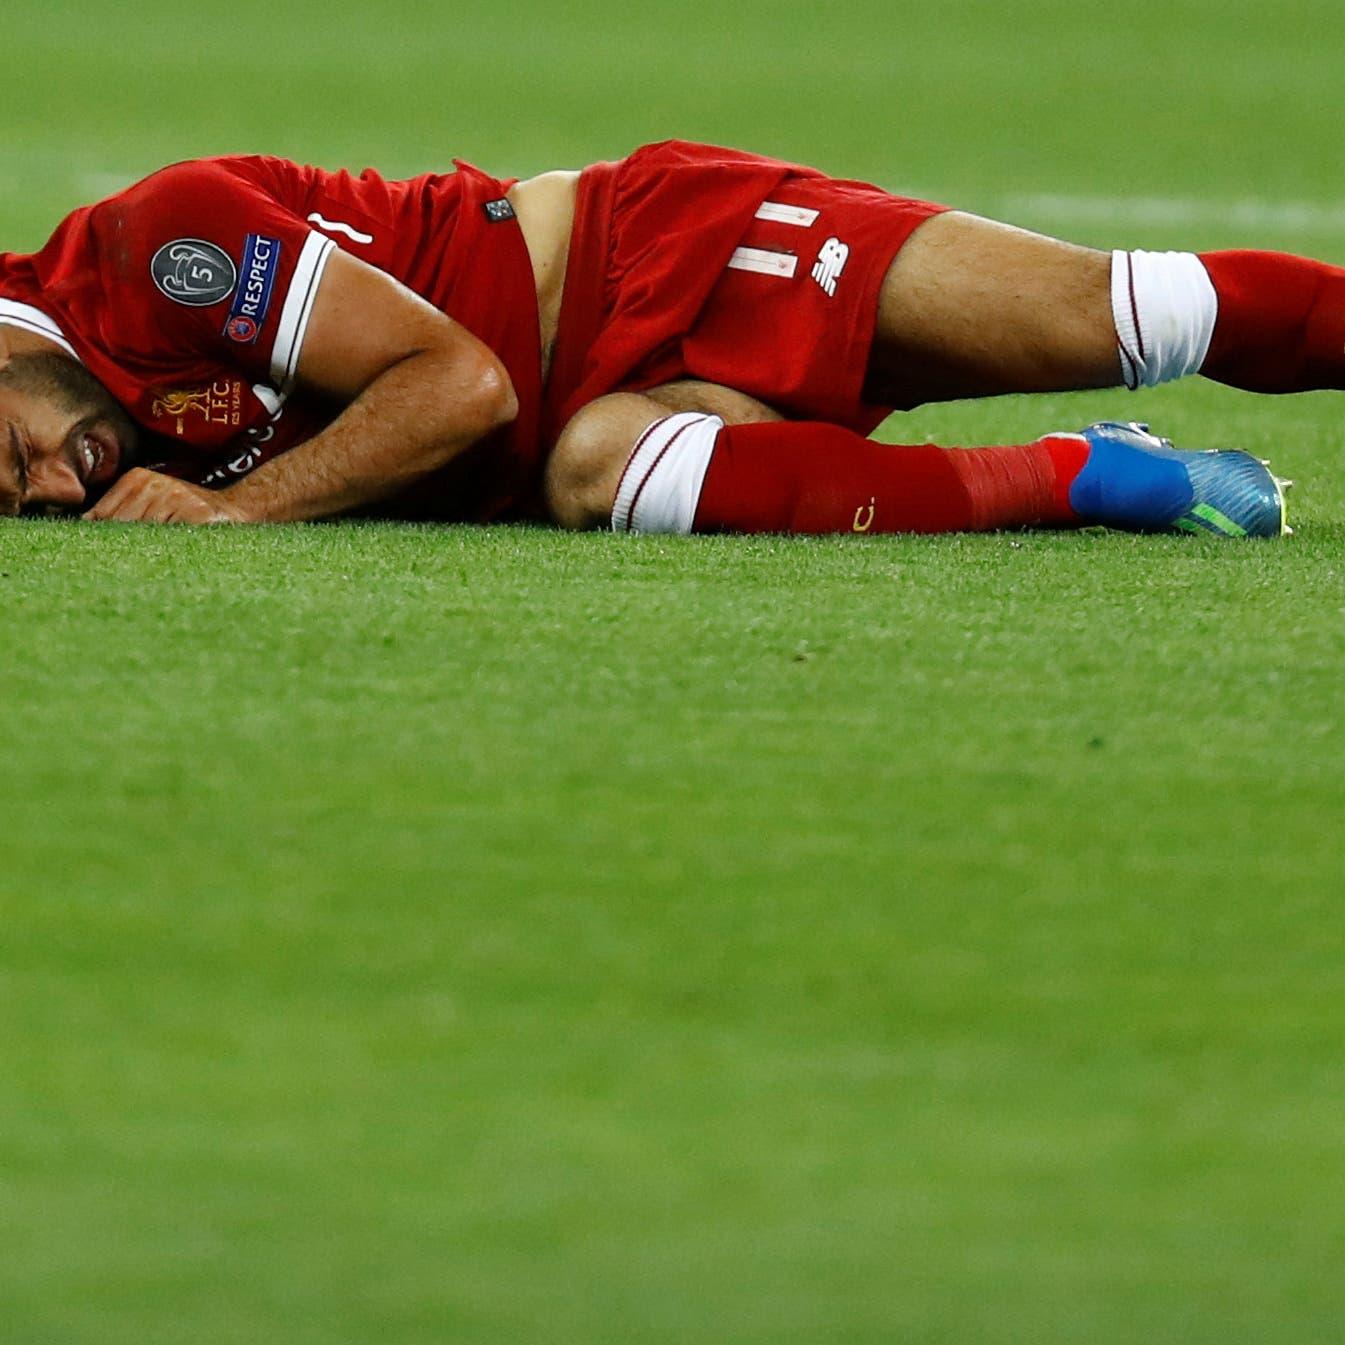 هل يغيب صلاح عن مونديال روسيا؟ طبيب منتخب مصر يرد